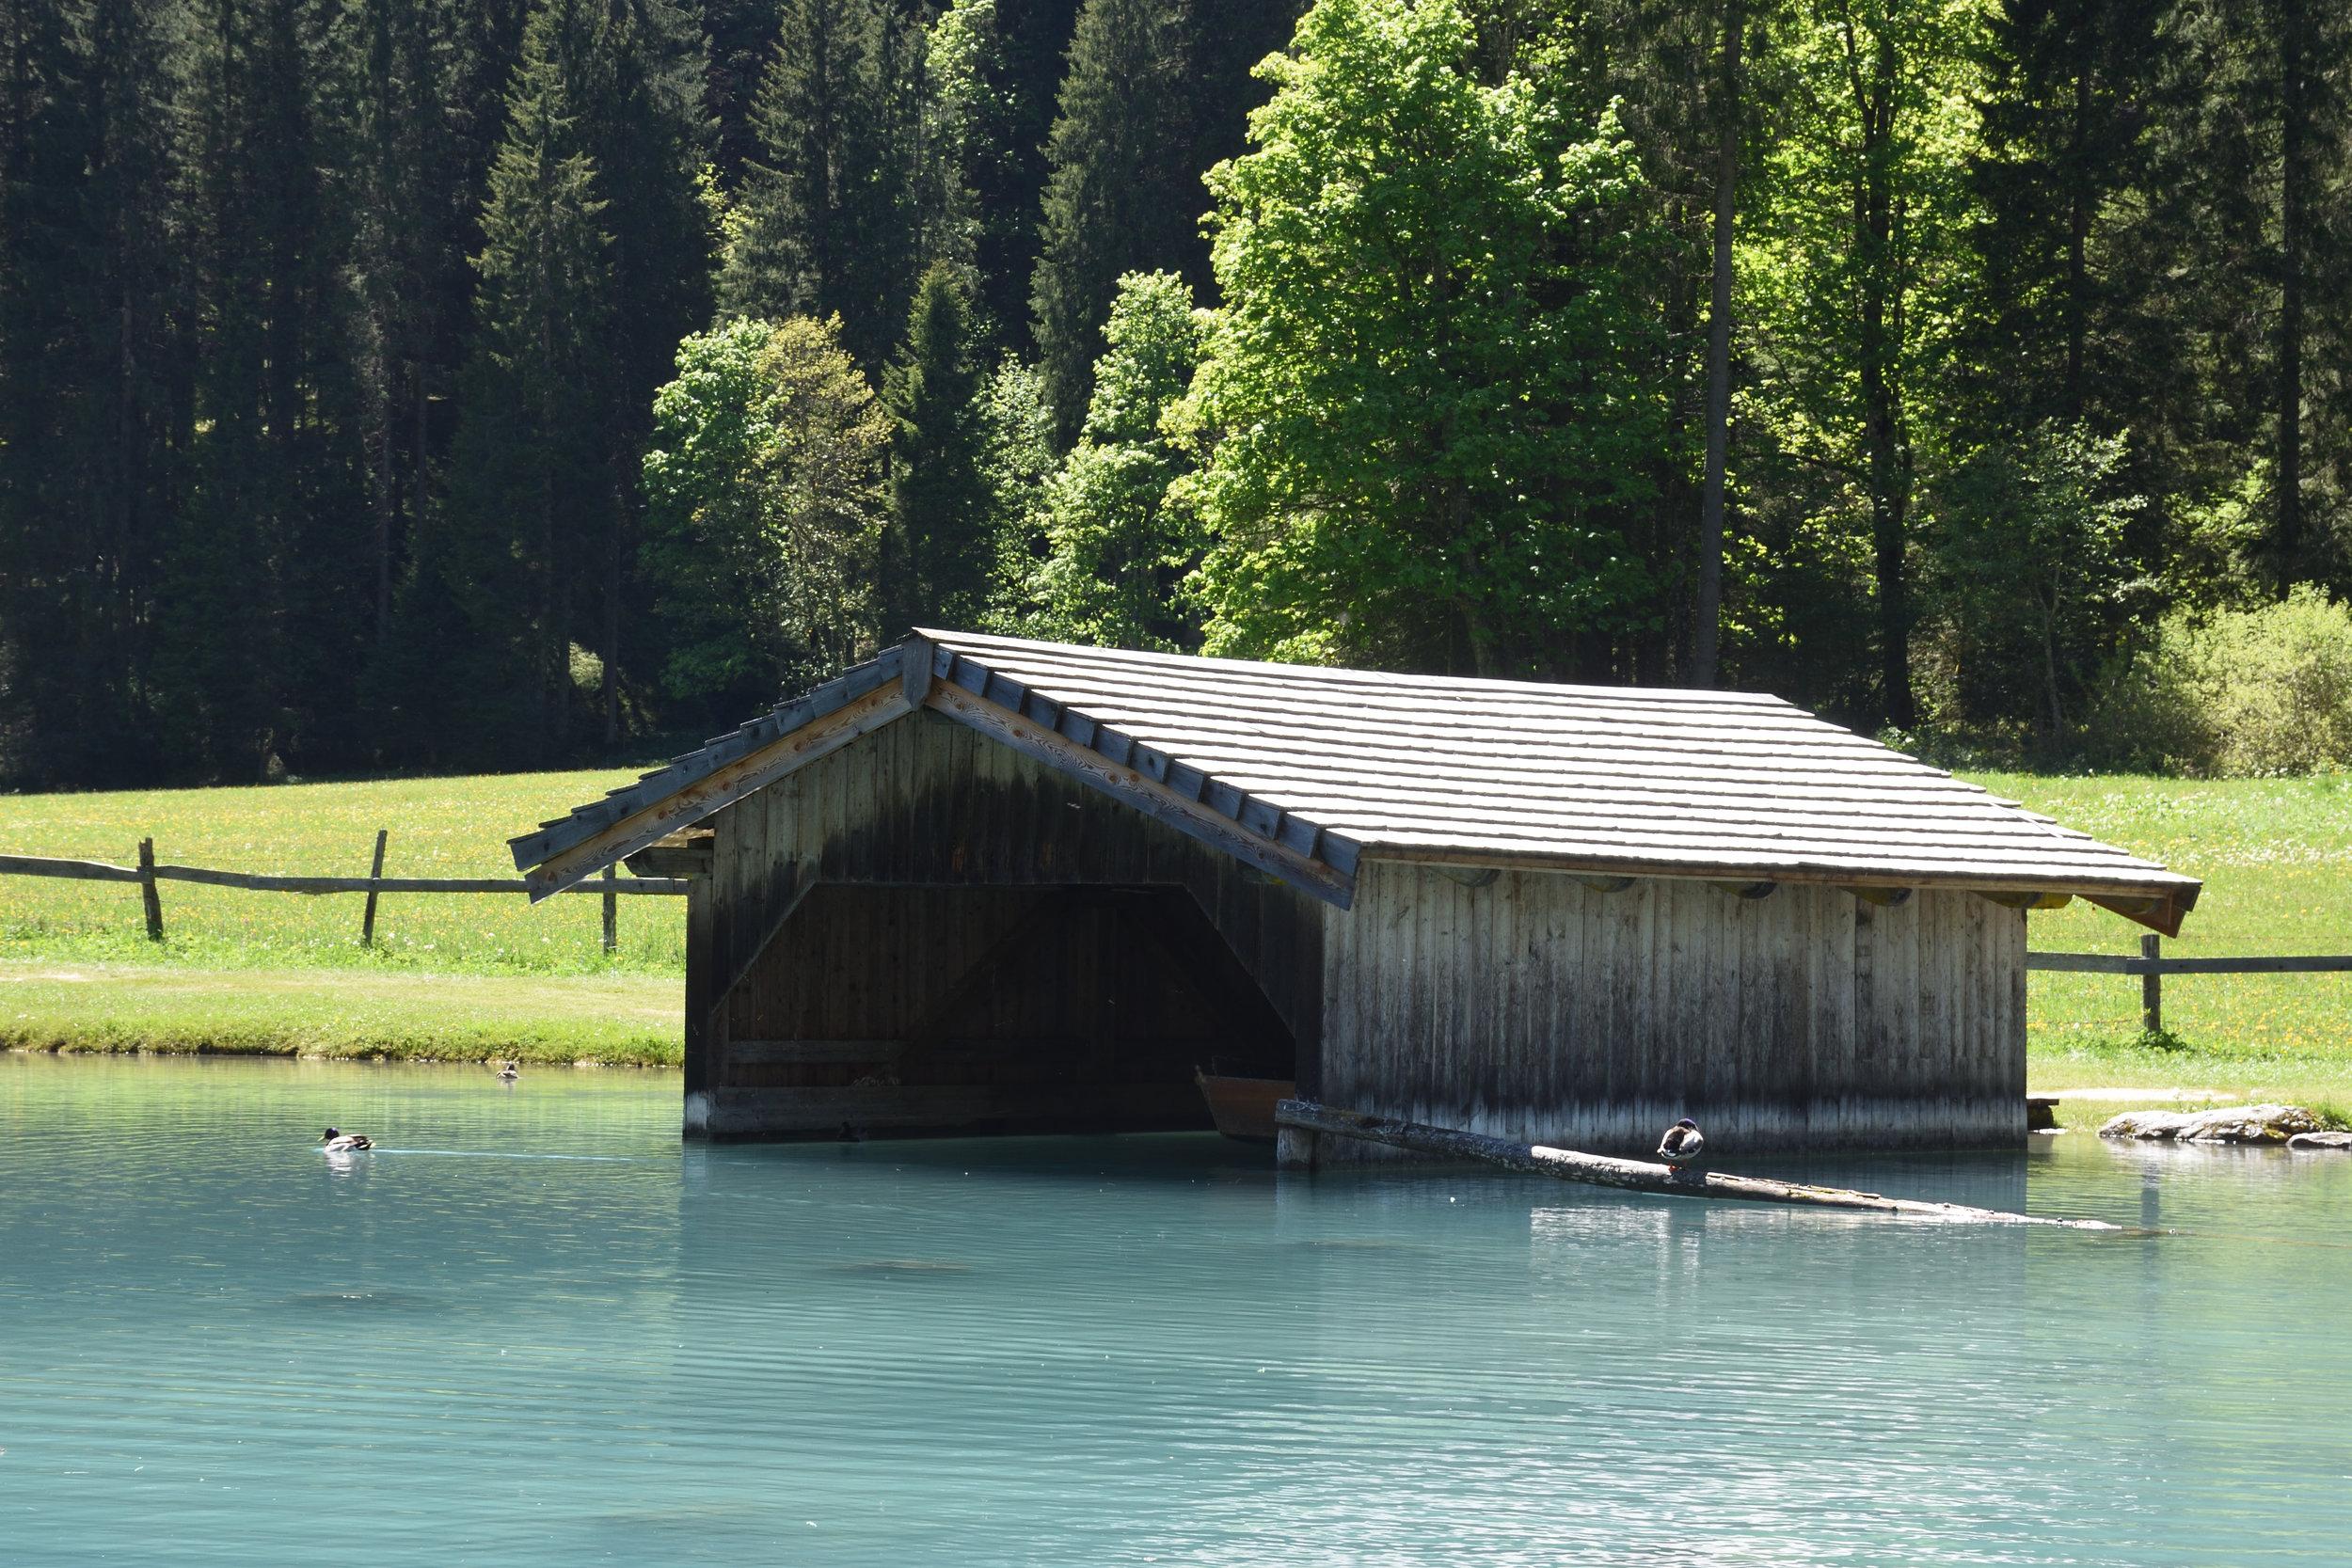 Jägersee in Kleinarl, May 2017